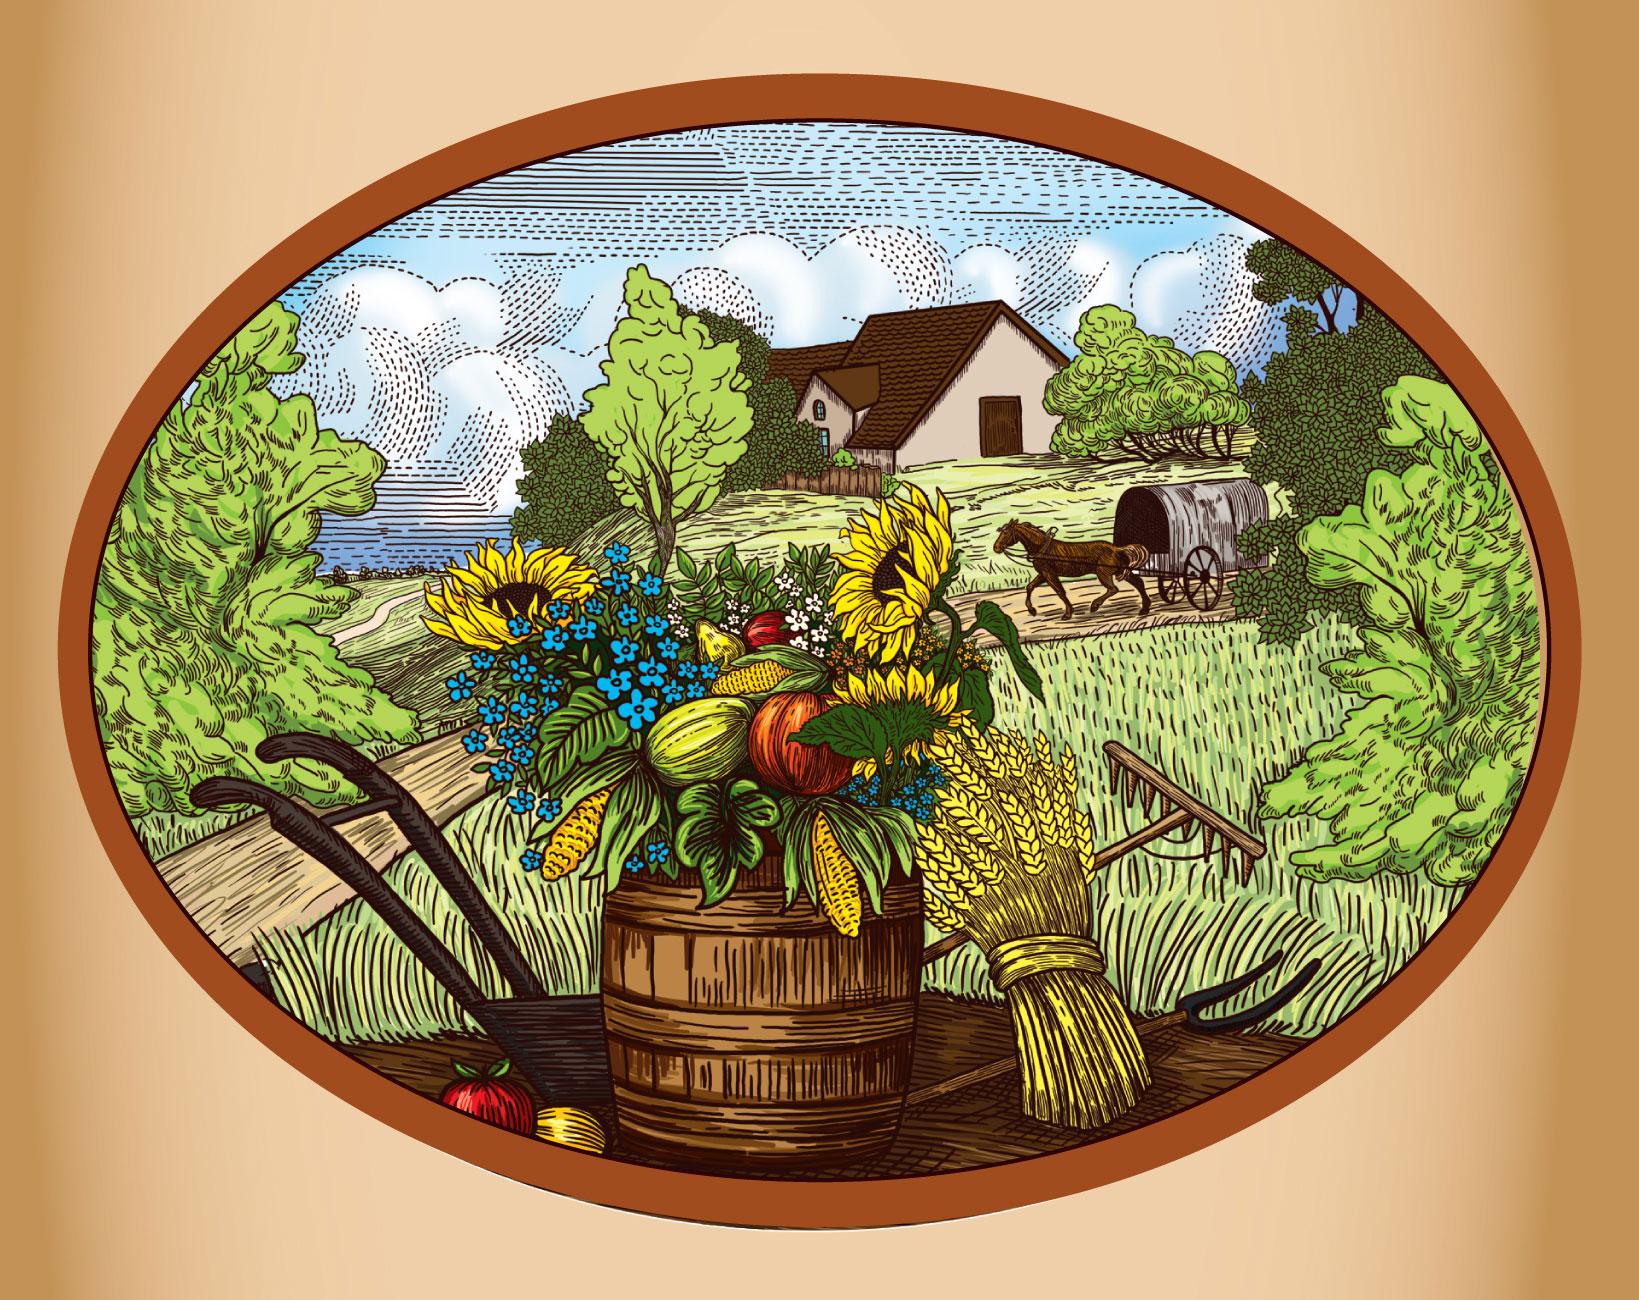 Гравюра для упаковки - сельский пейзаж, урожай